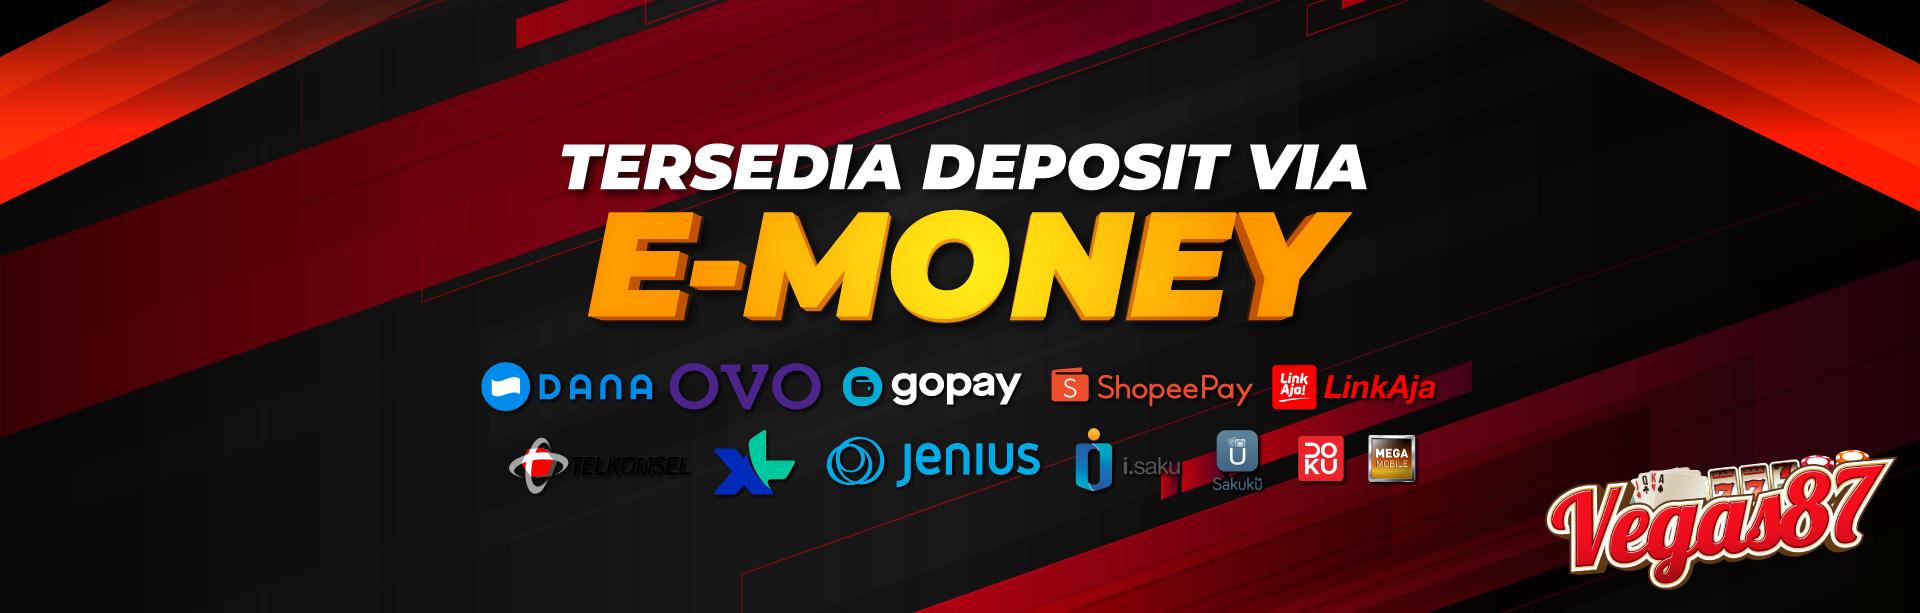 DEPOSIT E-MONEY